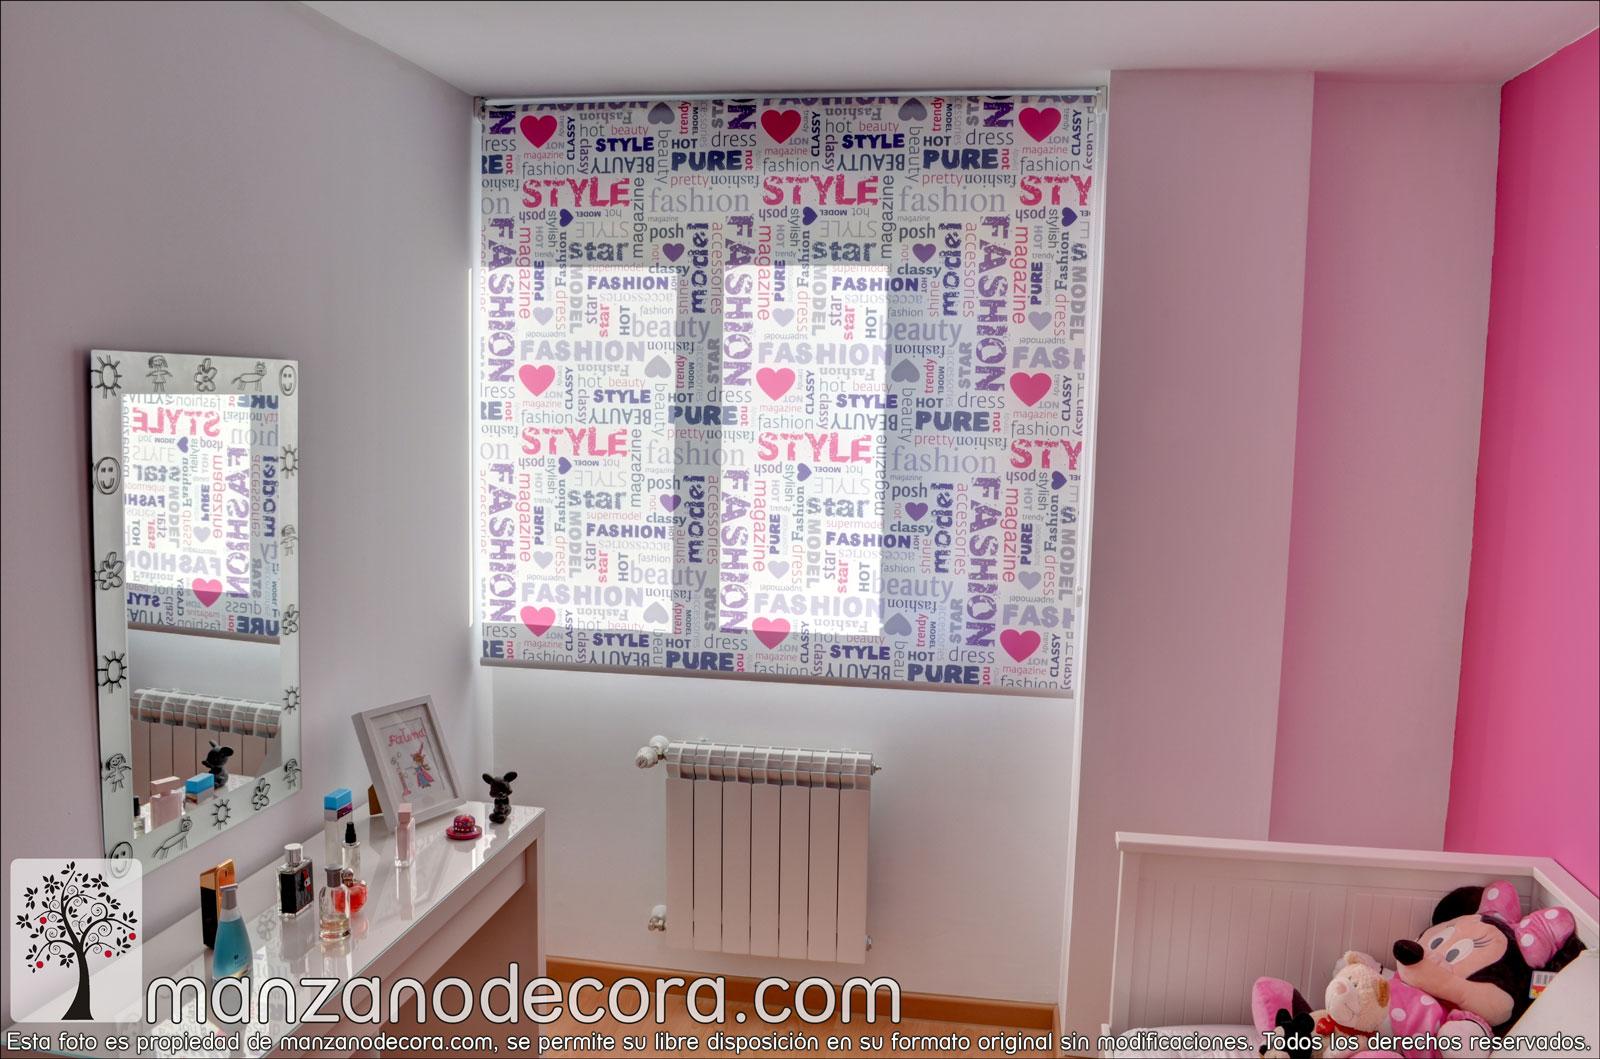 Estores cortinas manzanodecora - Estores dormitorio ...